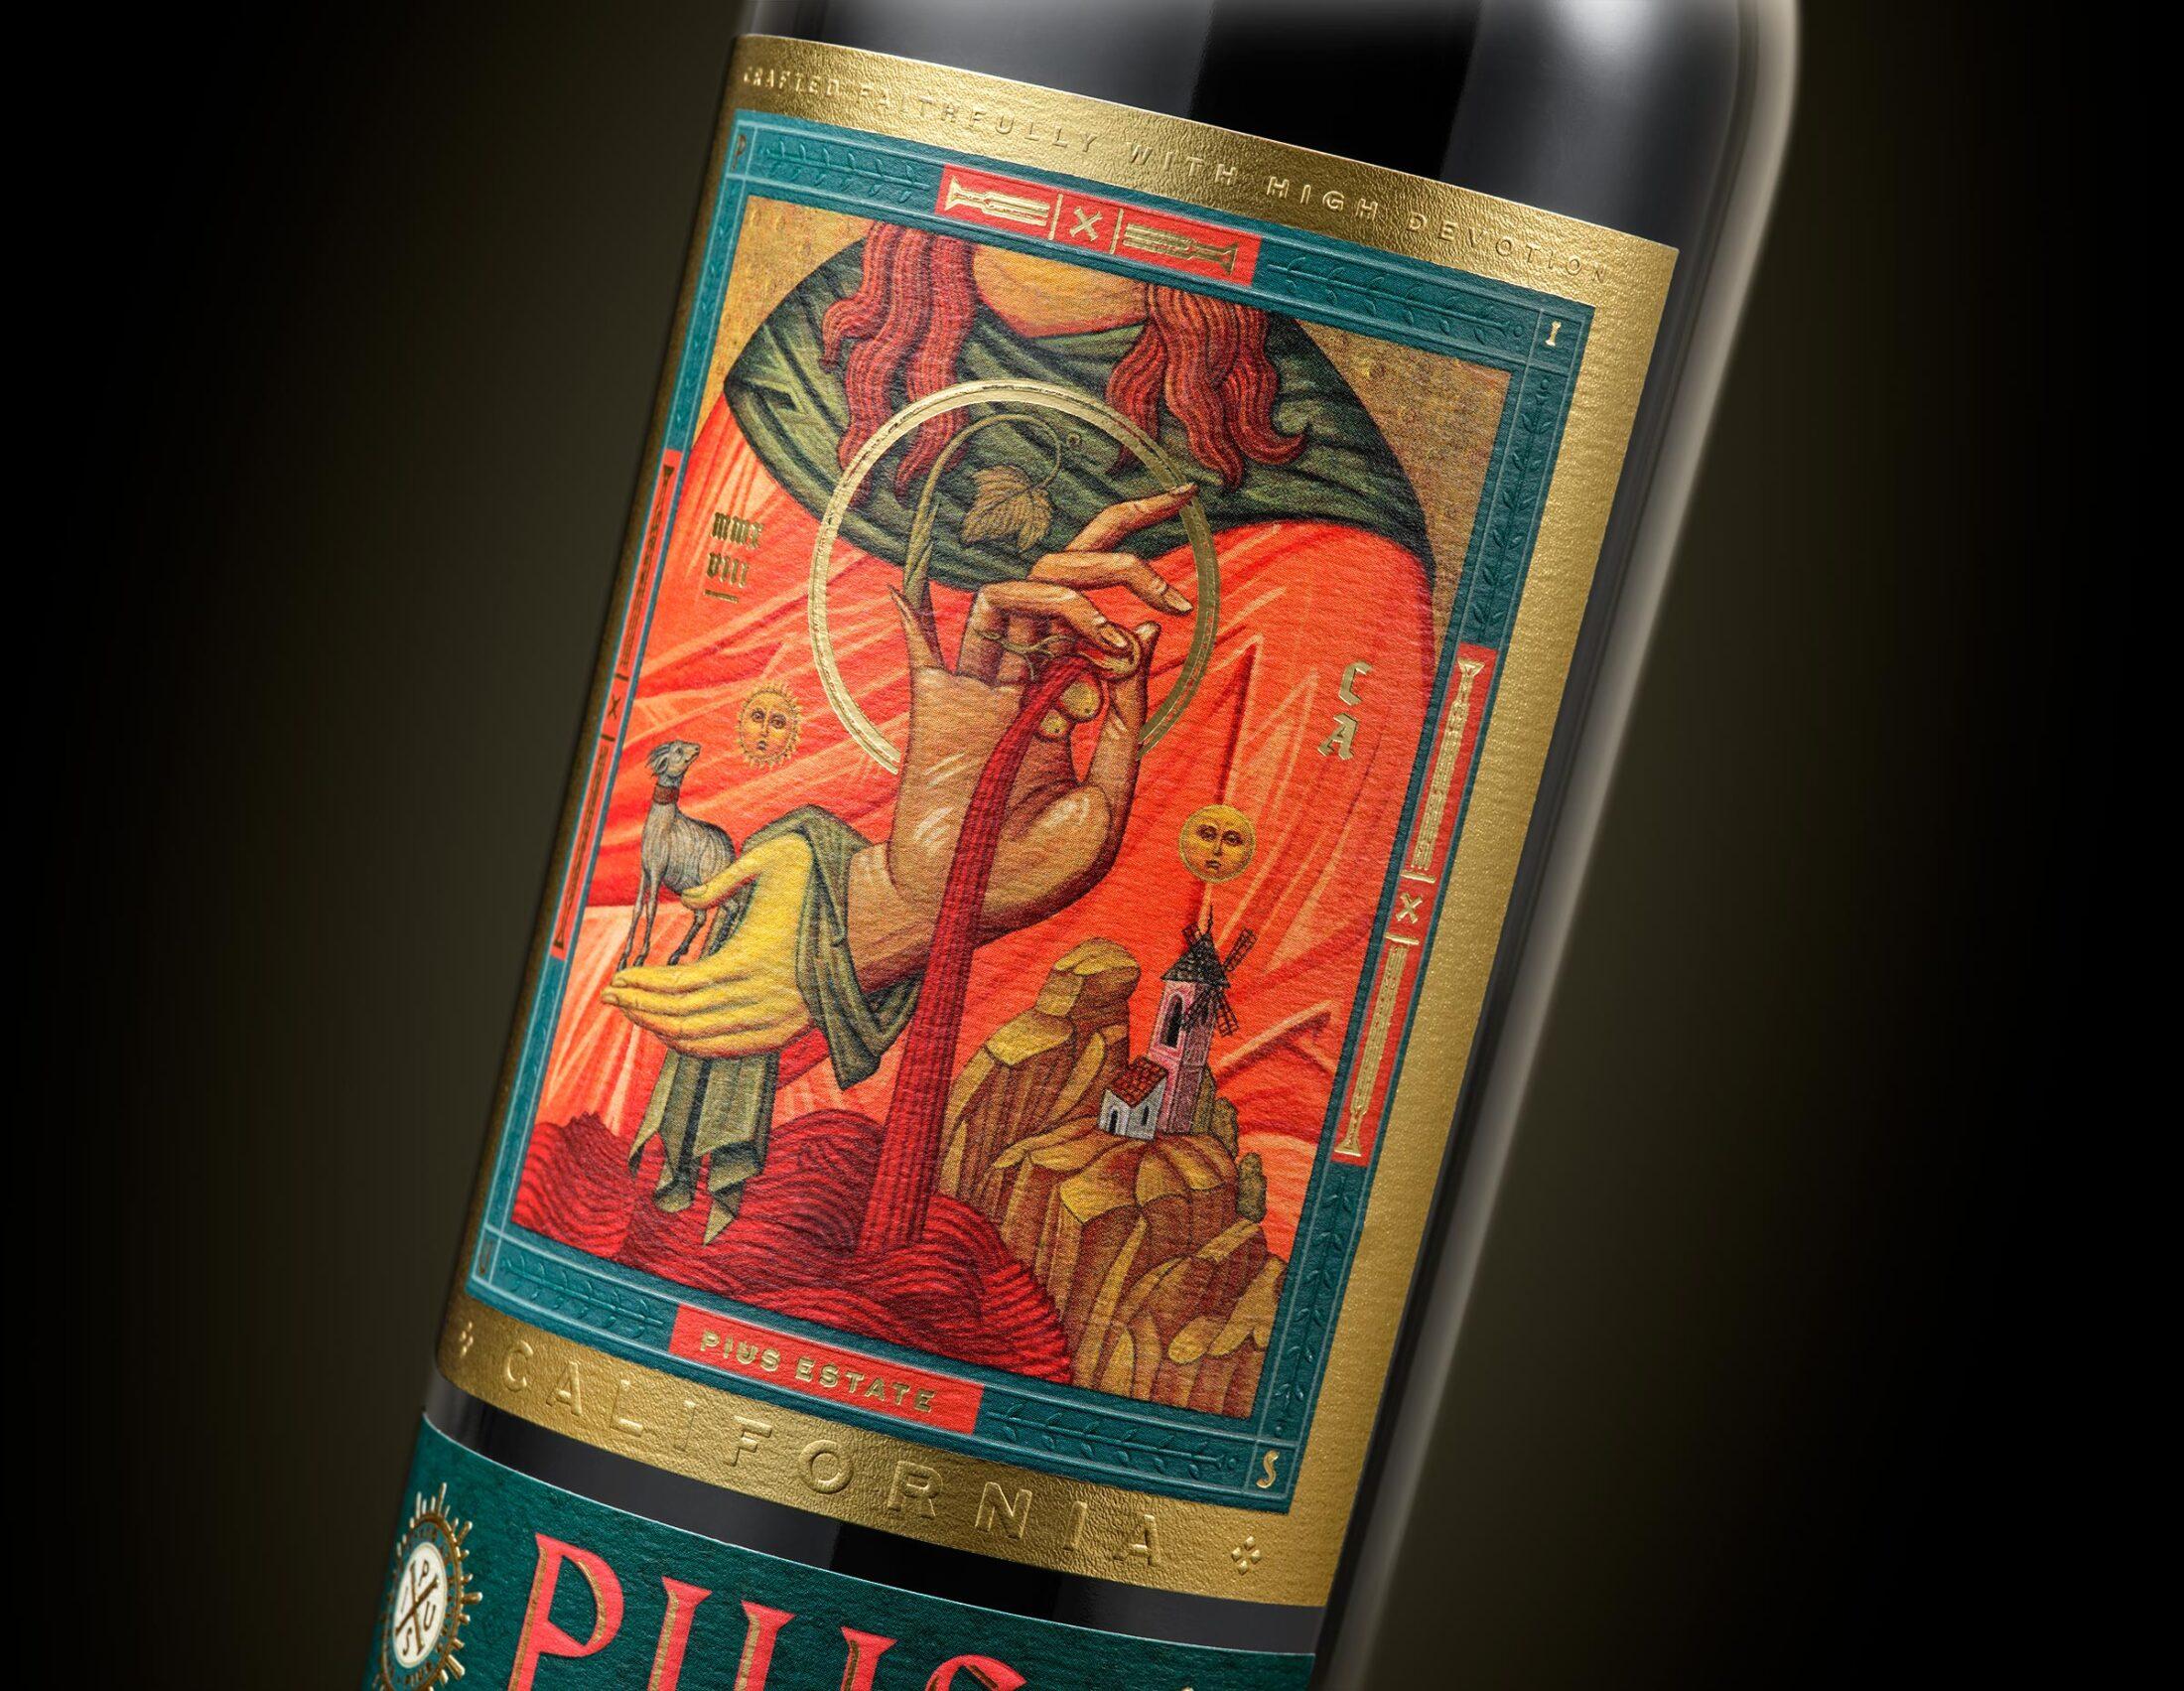 Chad Michael Studio Crafts PIUS Estates 2018 Cabernet Sauvignon Wine Label